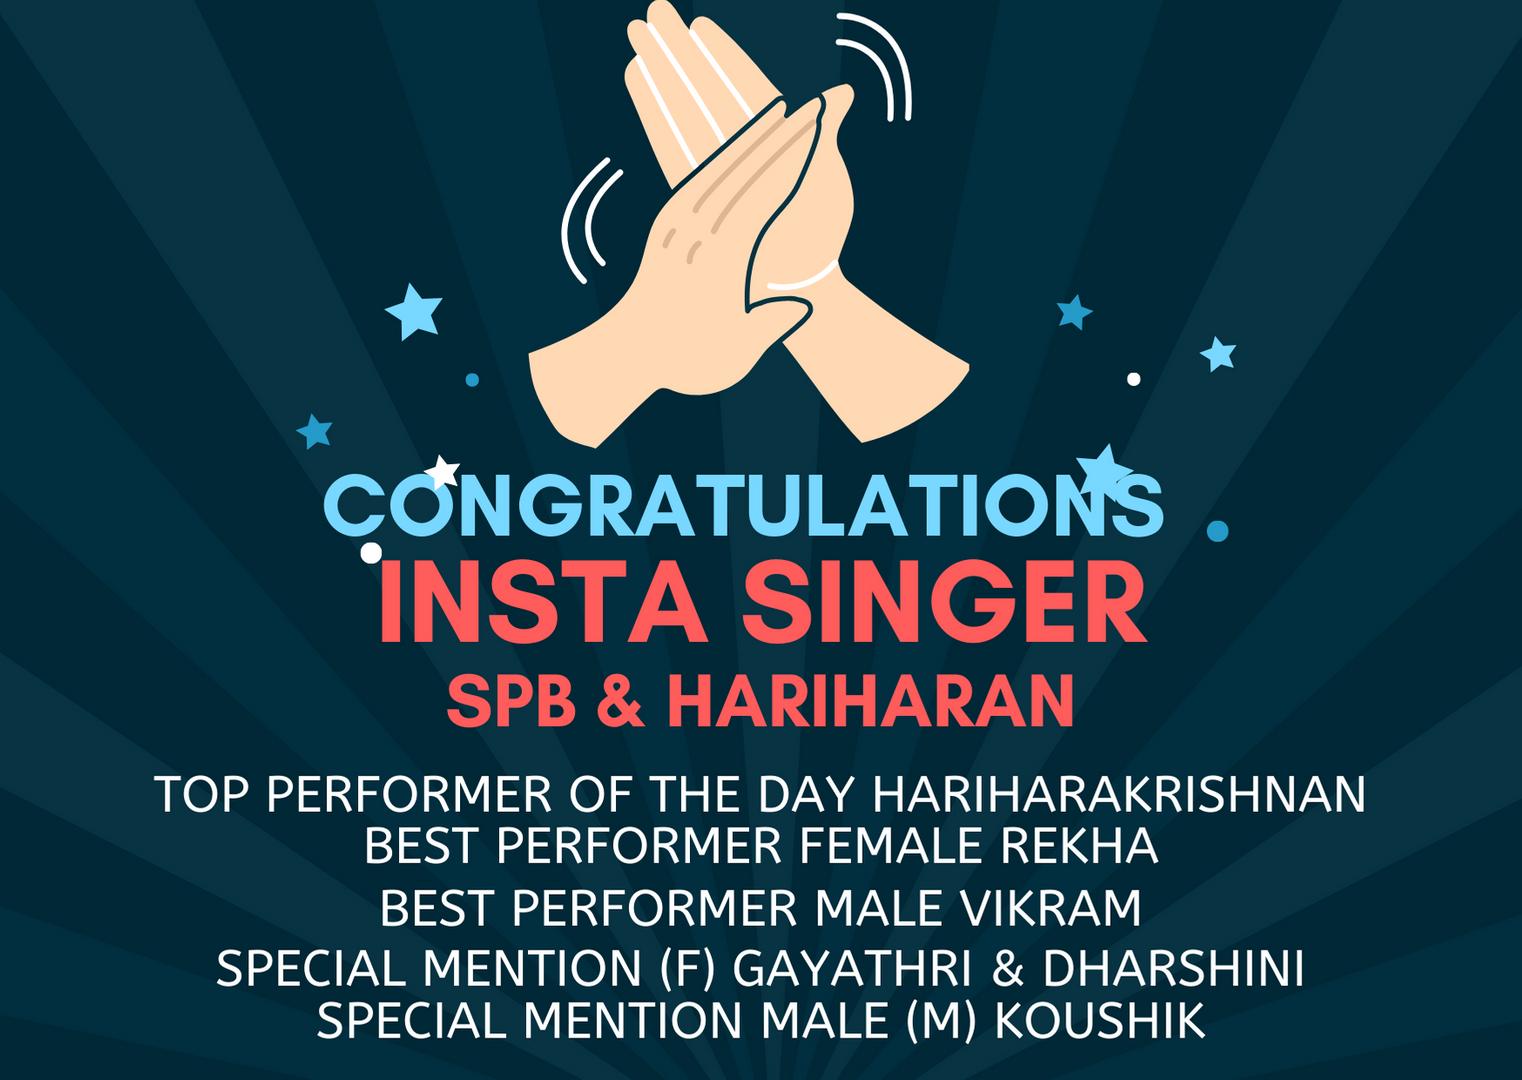 SPB & Hariharan Hits